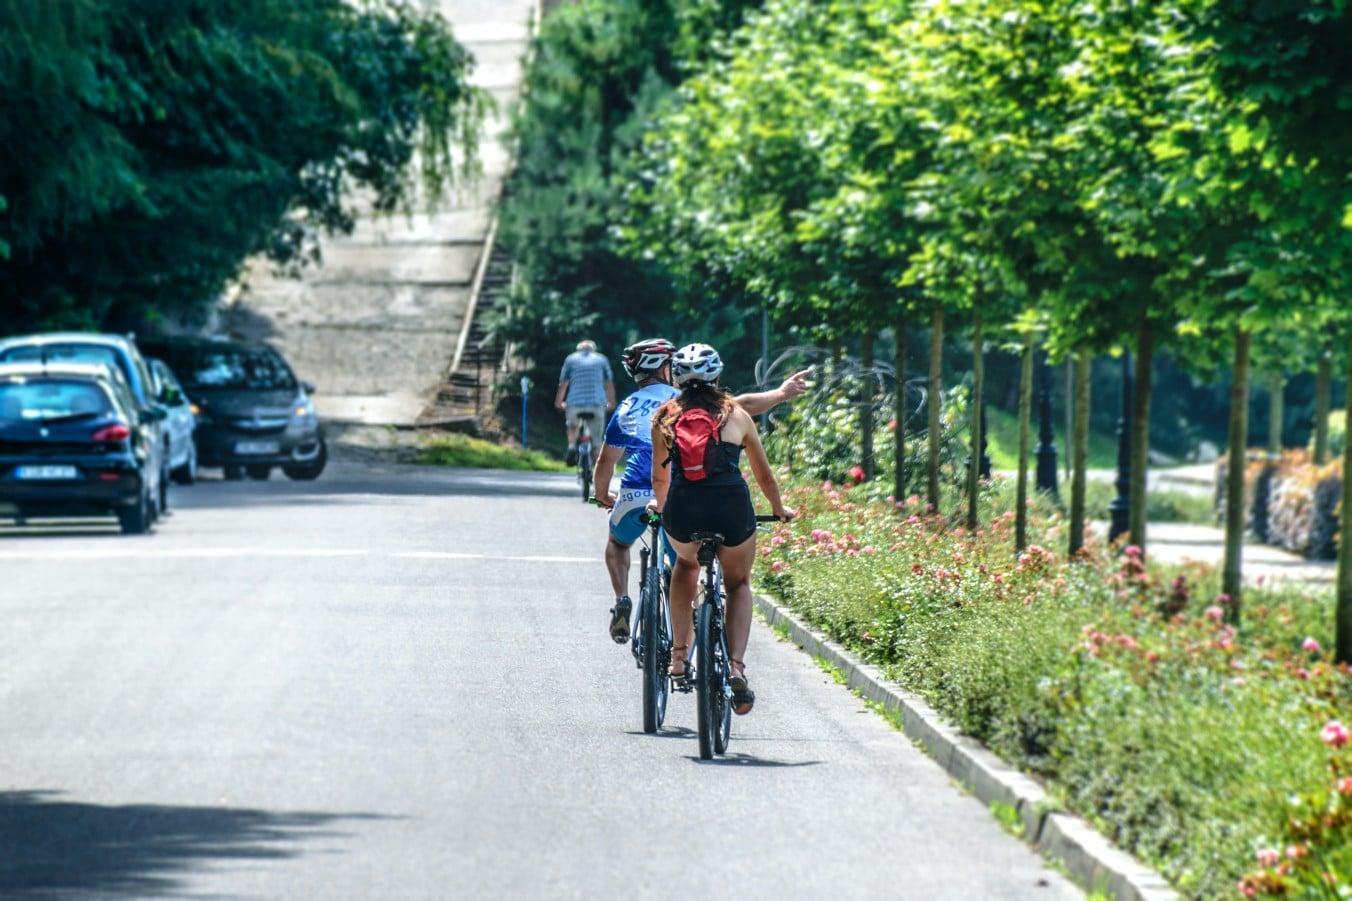 Victoria, Vancouver et Montréal sont les villes canadiennes les plus favorables au vélo